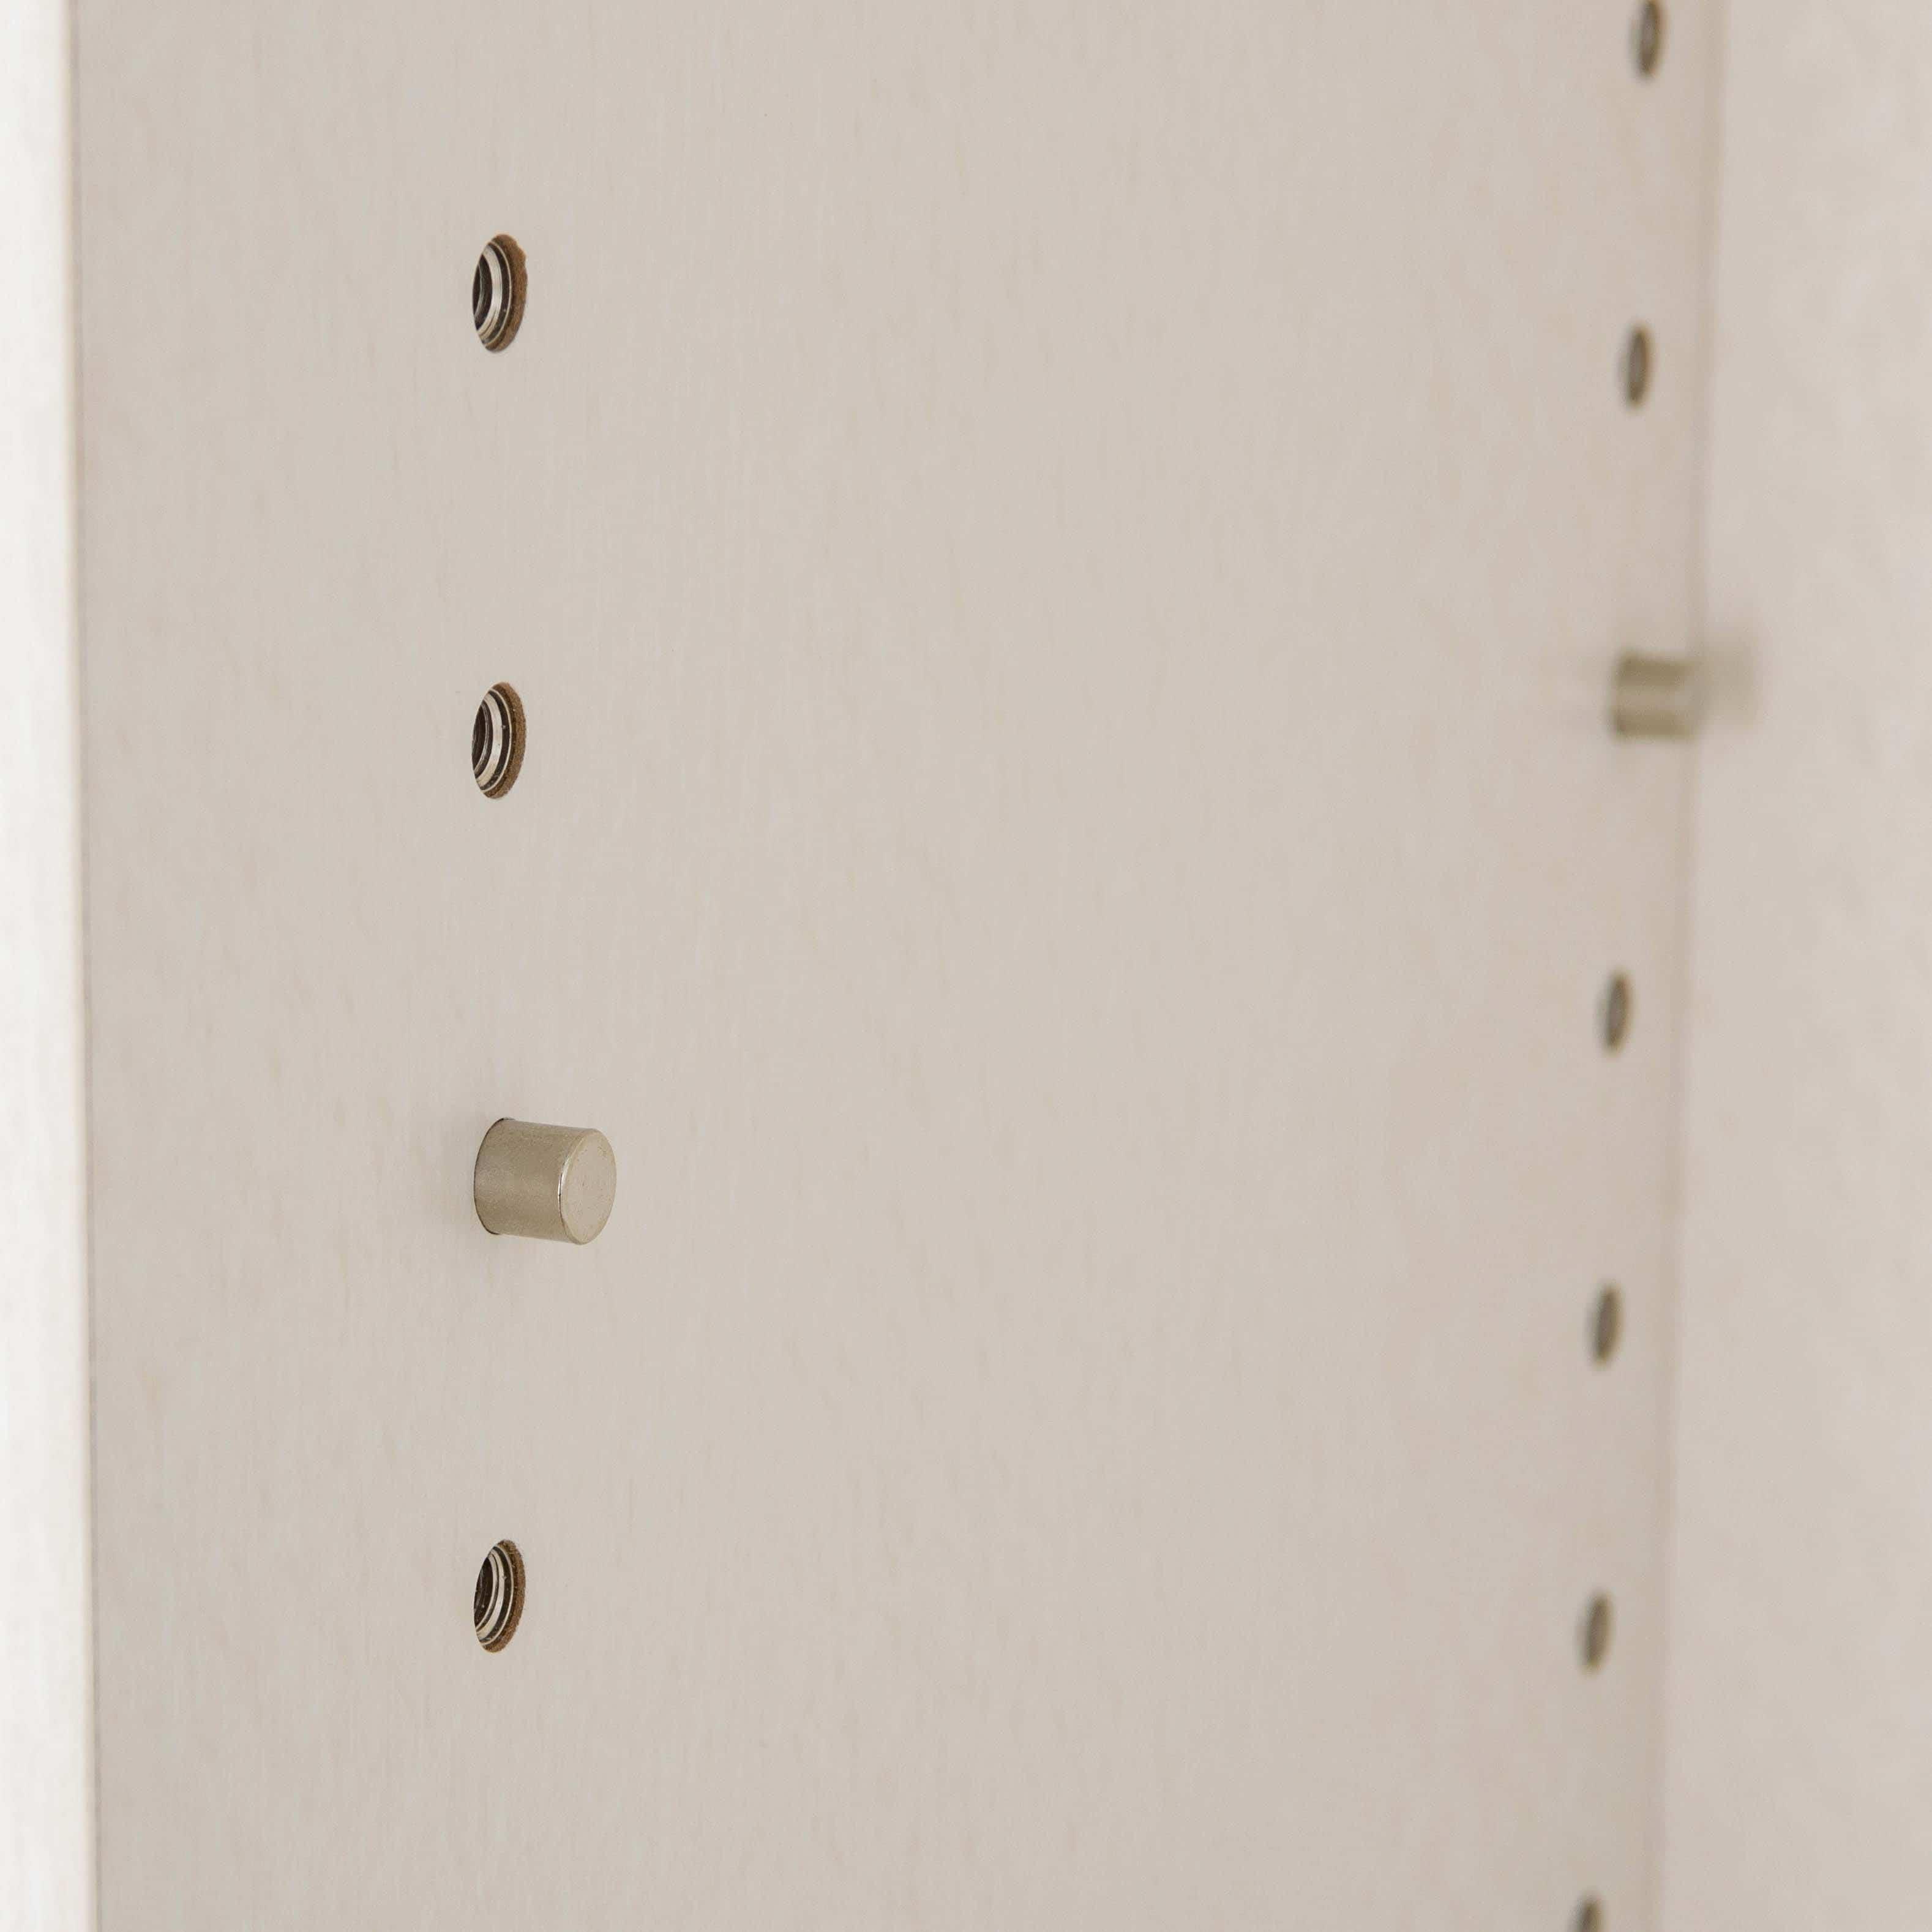 小島工芸 書棚 アコード65H(チェリーナチュラル):キレイに収まる魅せる収納